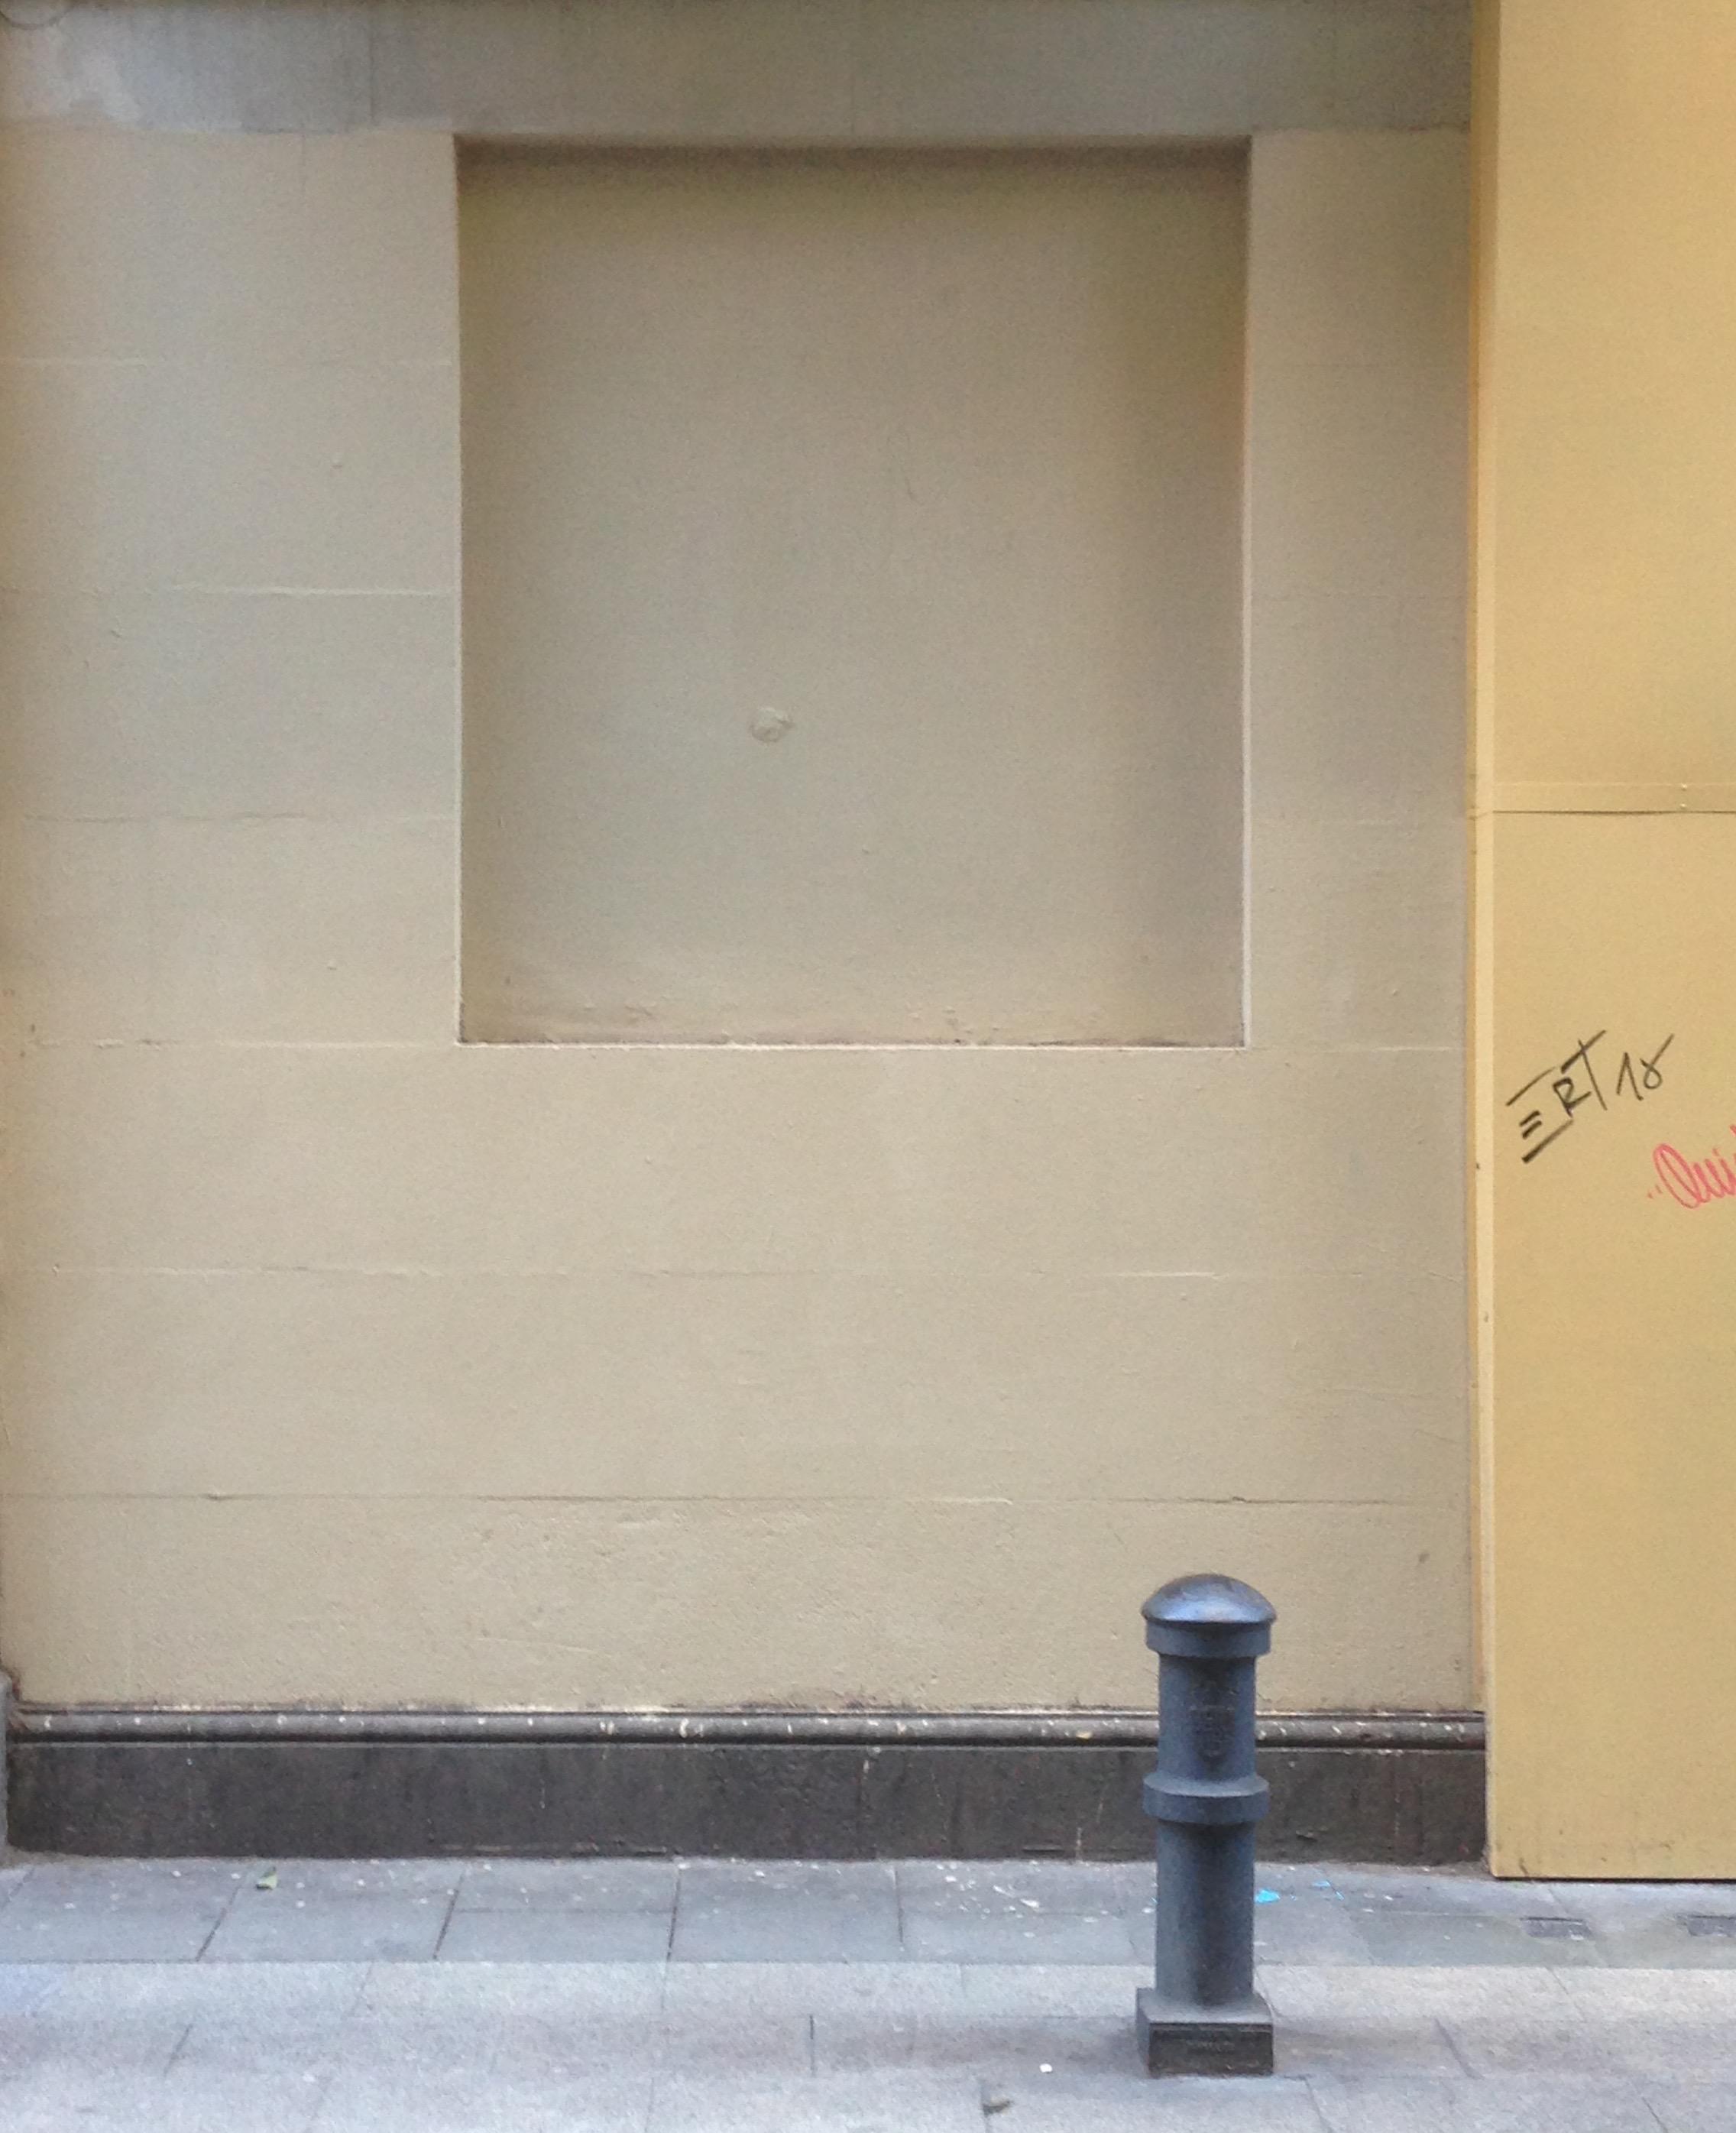 La misma pared, ya sin el grafiti ni ningún rastro del duelo de pistolas.